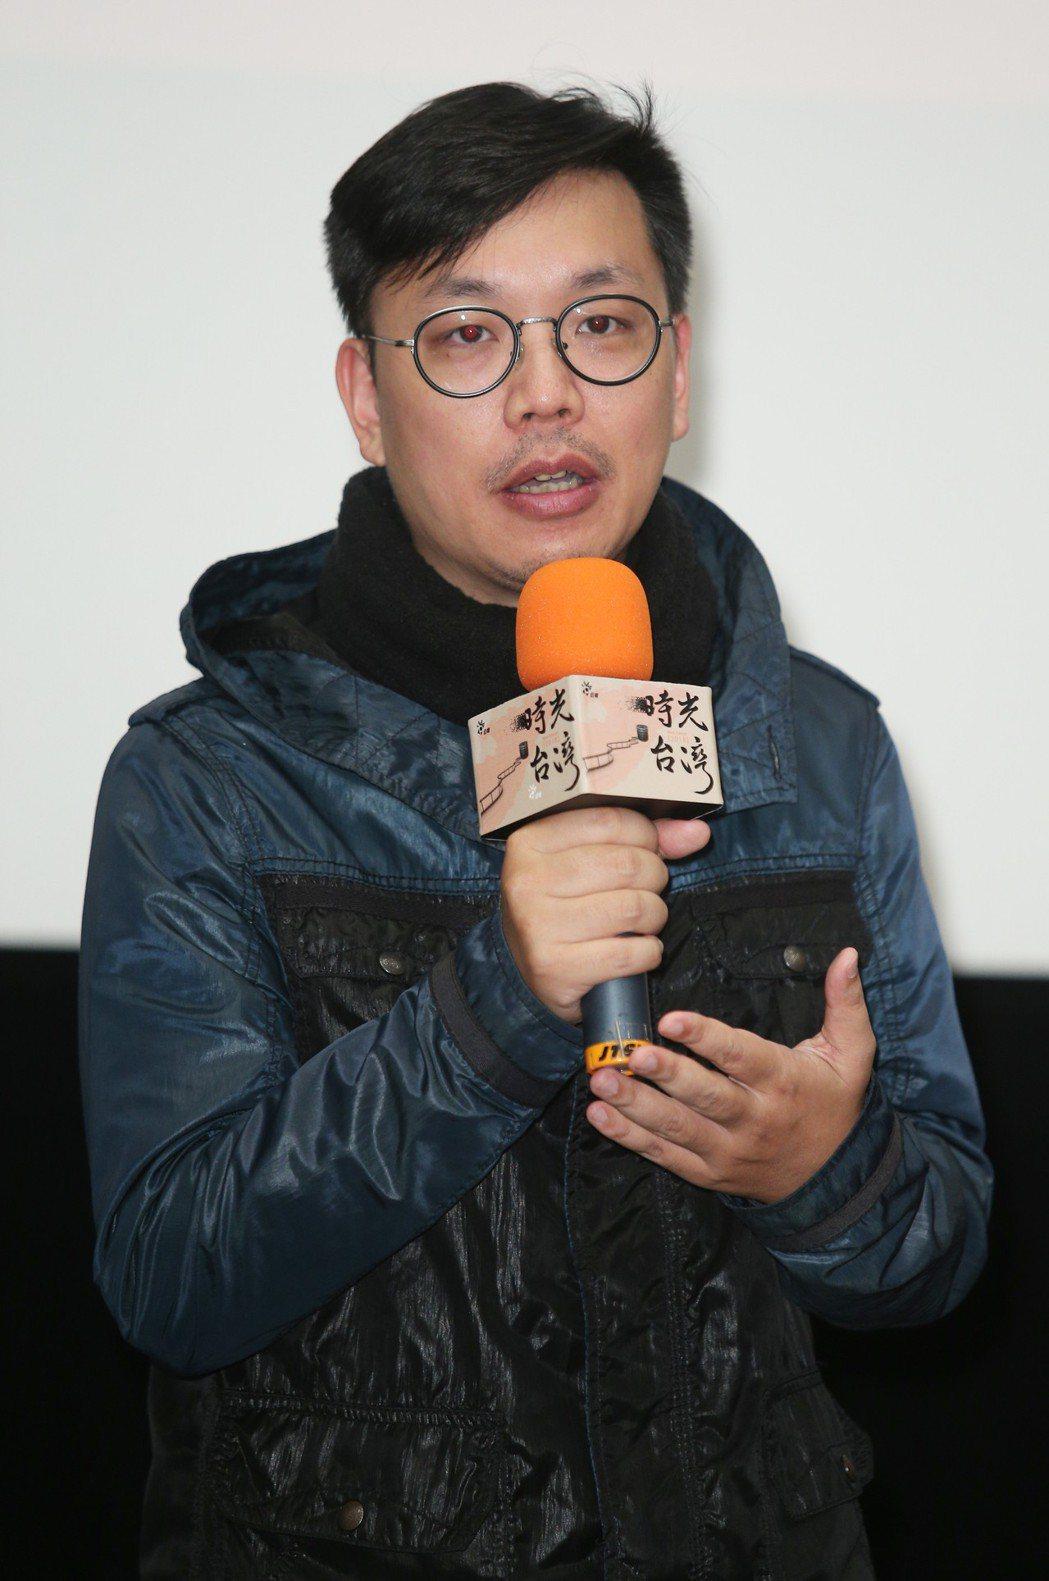 「時光台灣」紀錄短片首映會,導演黃候季然出席。記者陳正興/攝影